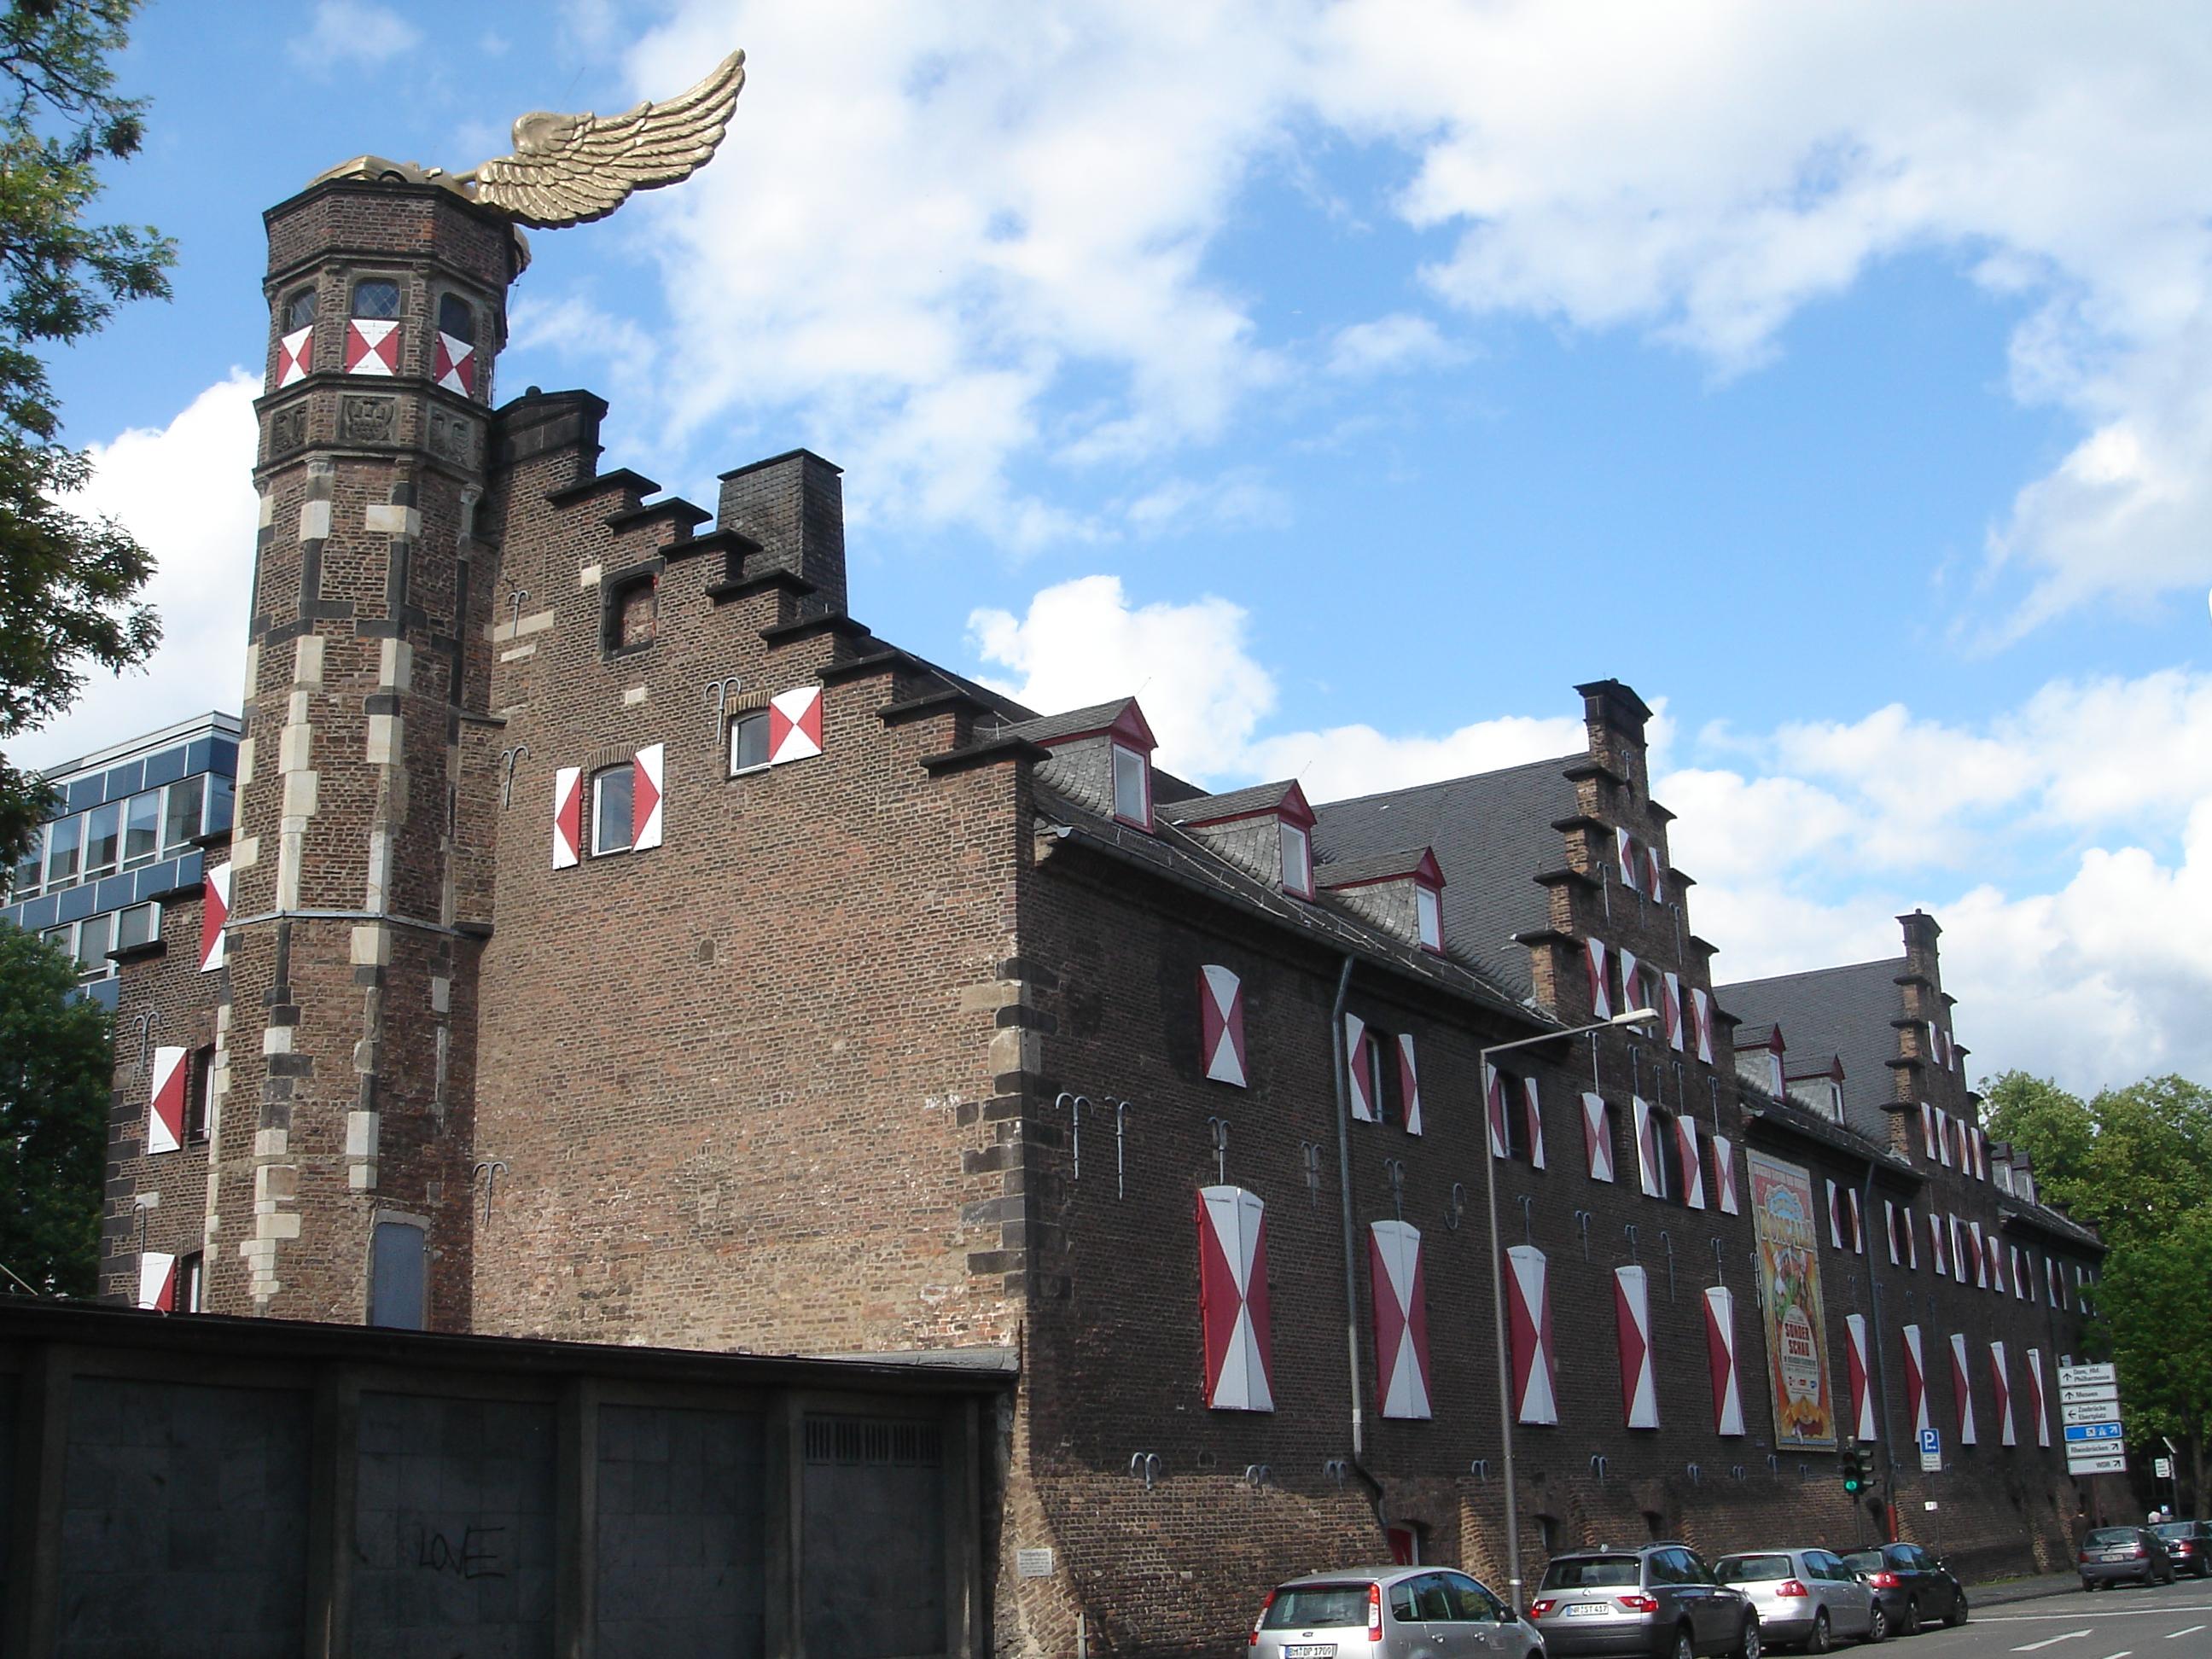 Das Kölnische Stadtmuseum im Zeughaus. Auf dem Turm das umstrittene Flügelauto